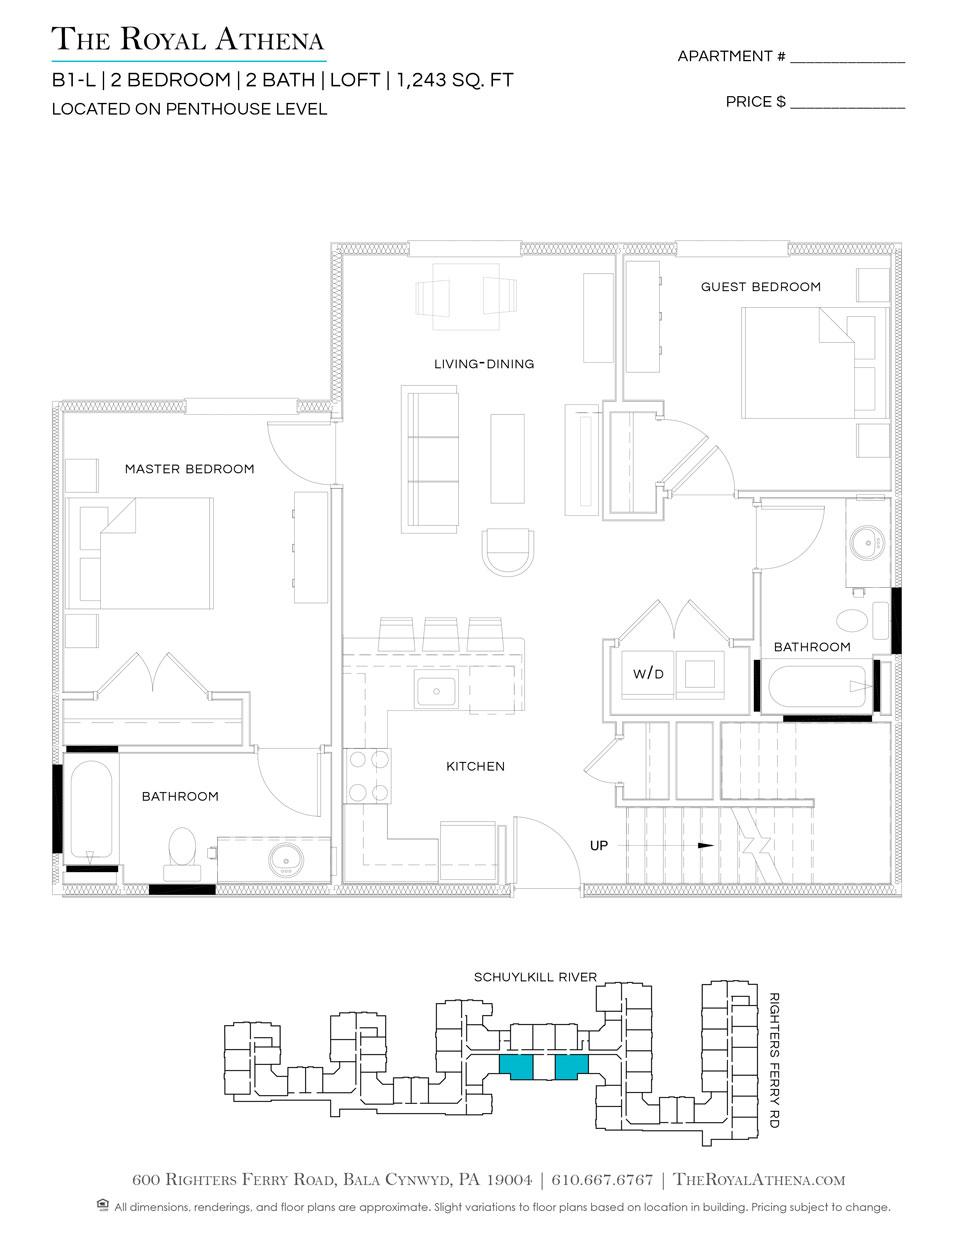 P0659218 b1 l 1 2 floorplan